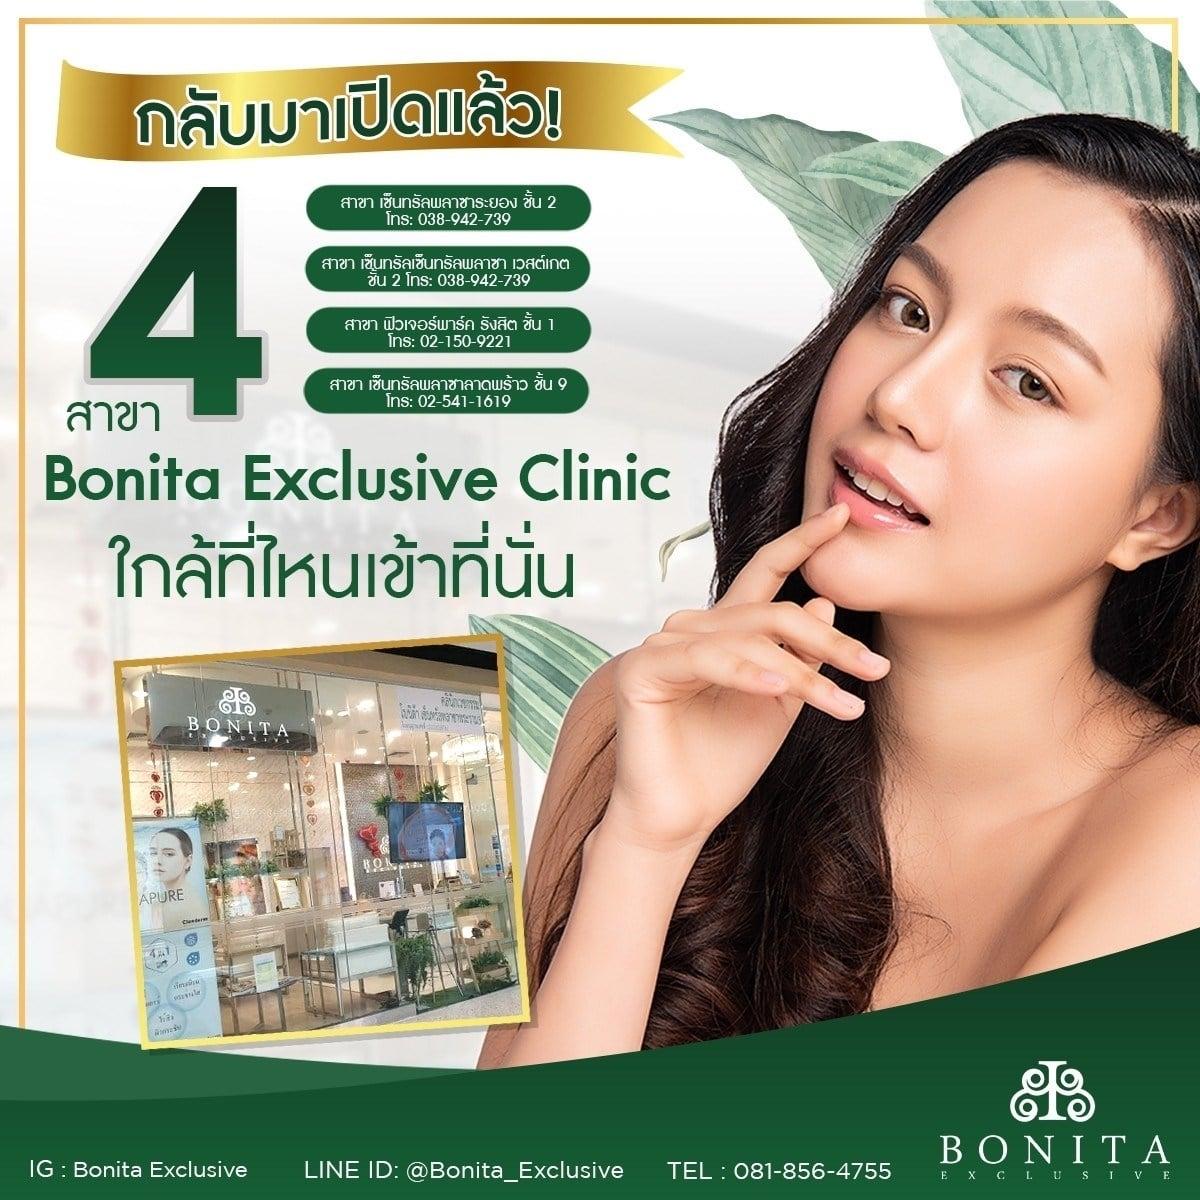 กลับมาเปิดแล้ว! 4 สาขา Bonita Exclusive Clinic